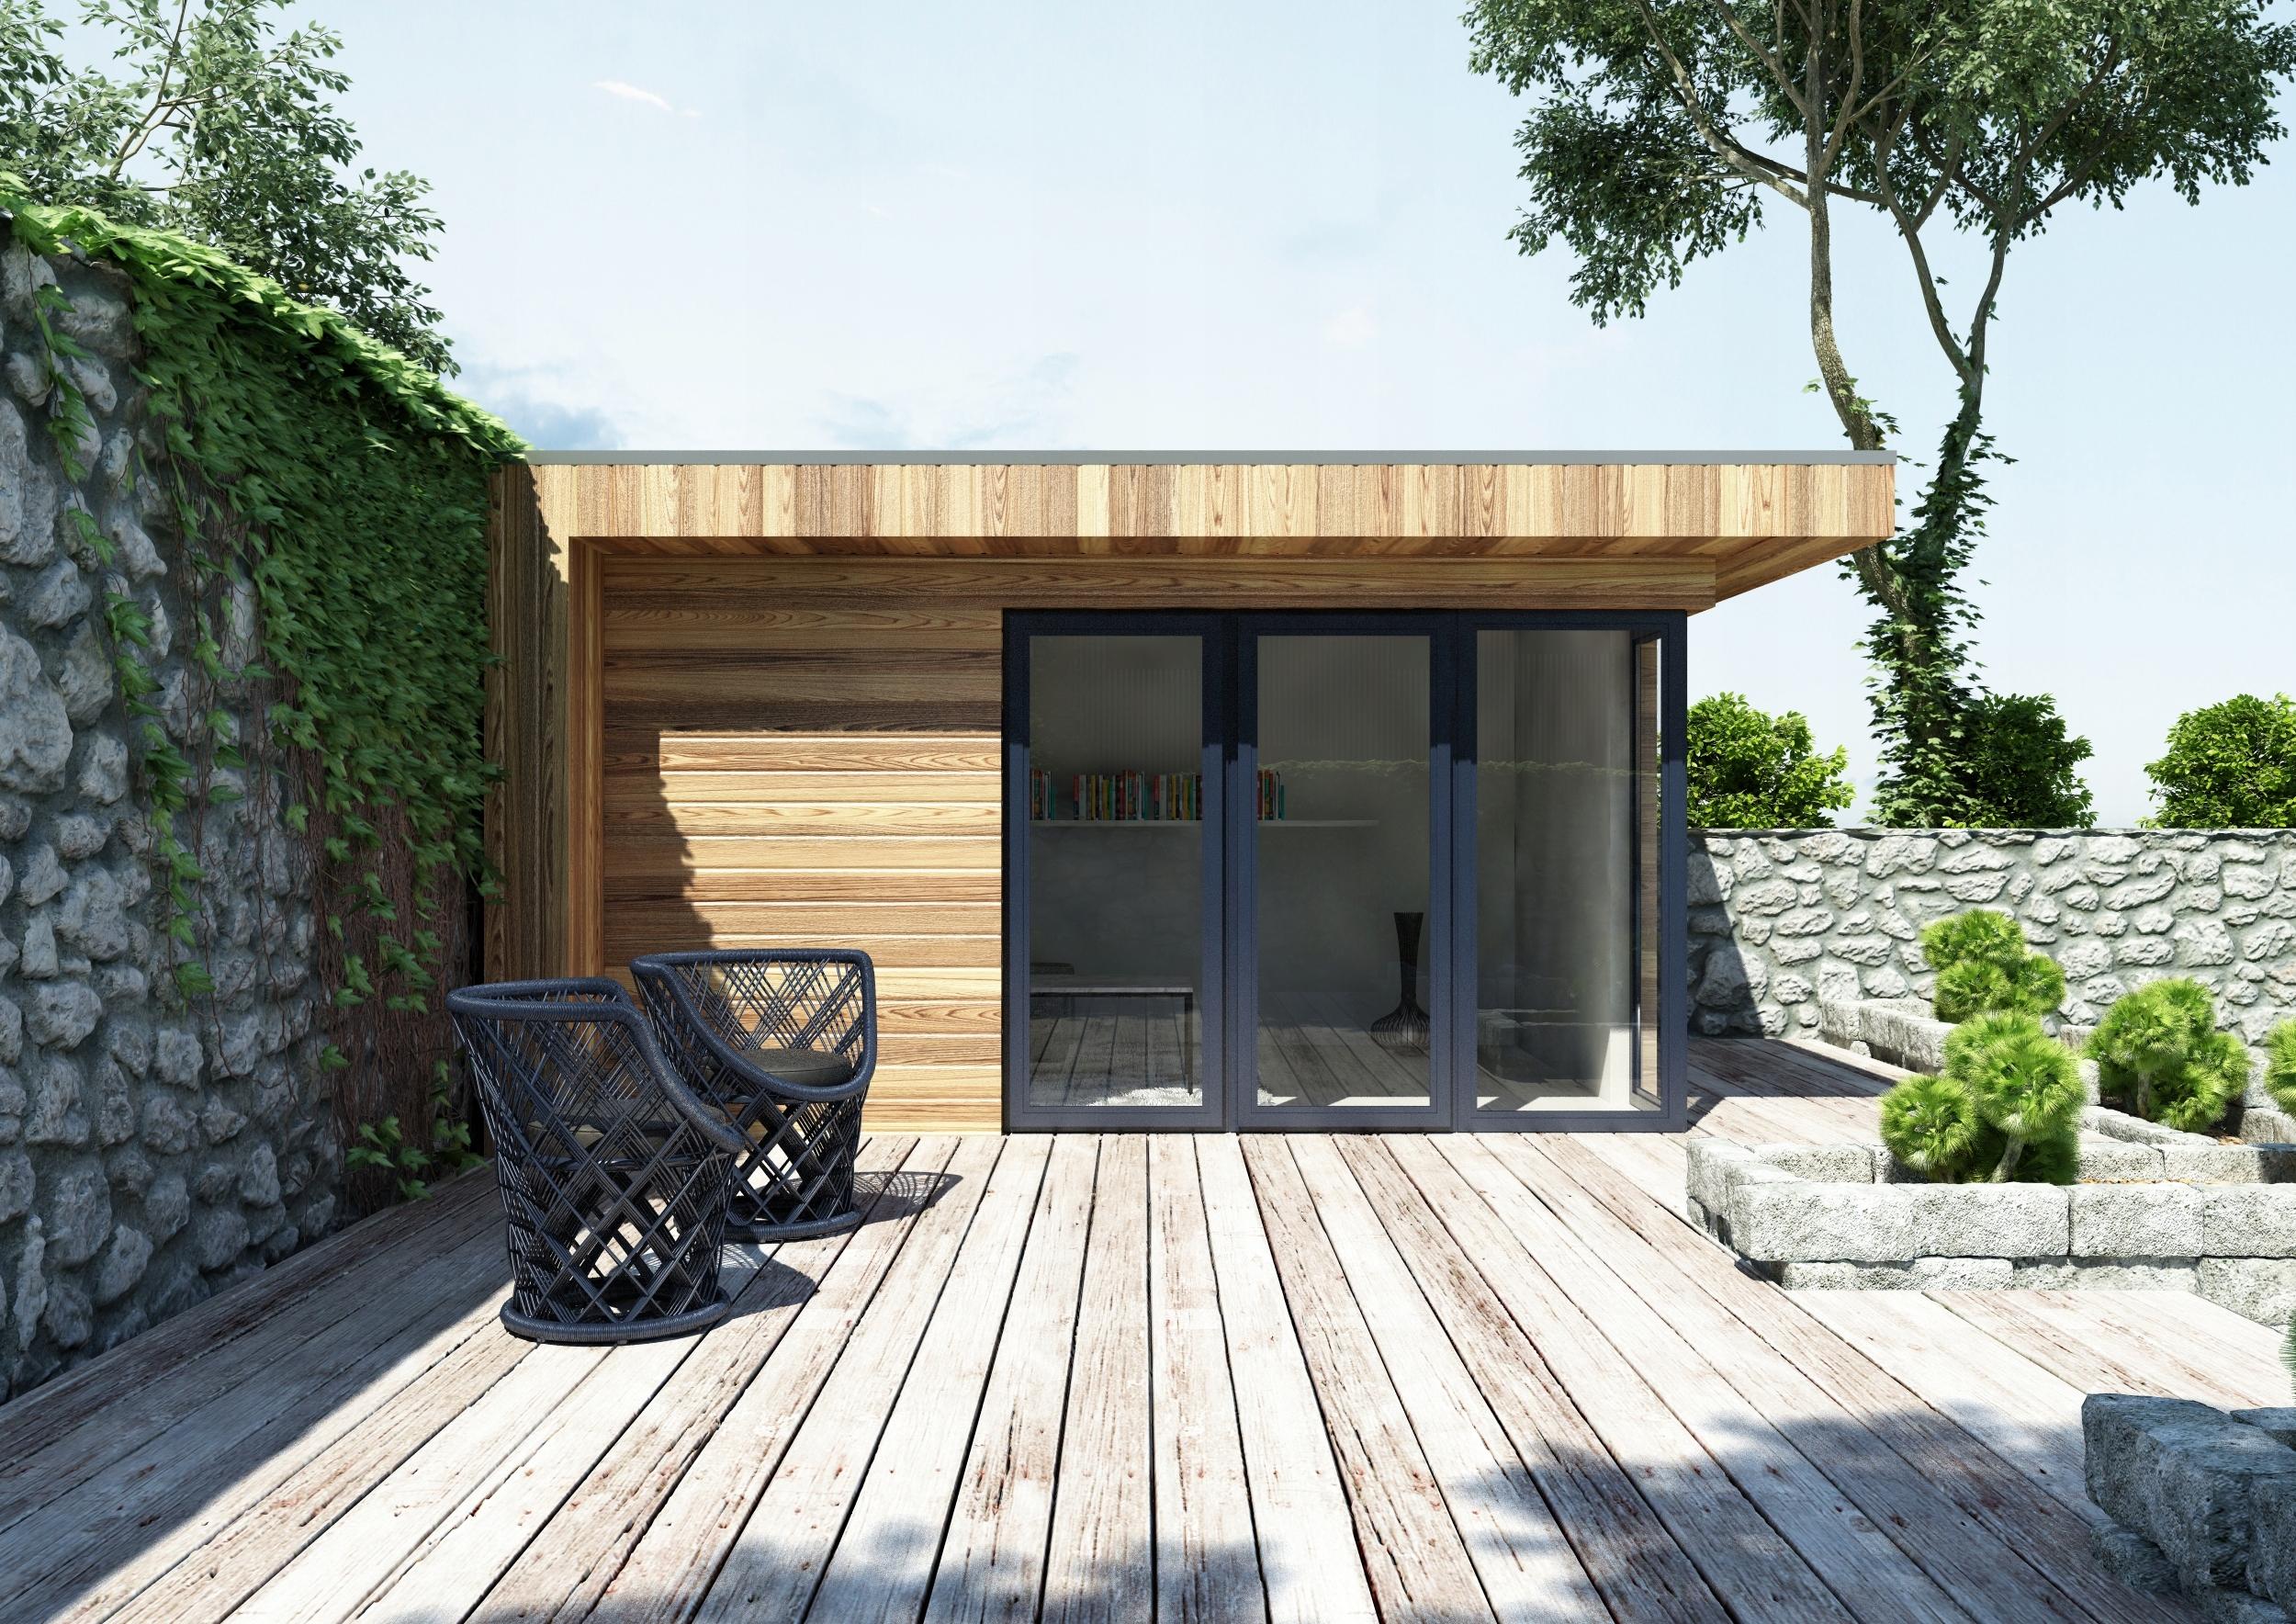 Bardzo dobra PROMOCJA domek letniskowy drewniany ogrodowy biuro - 7526765372 YS57